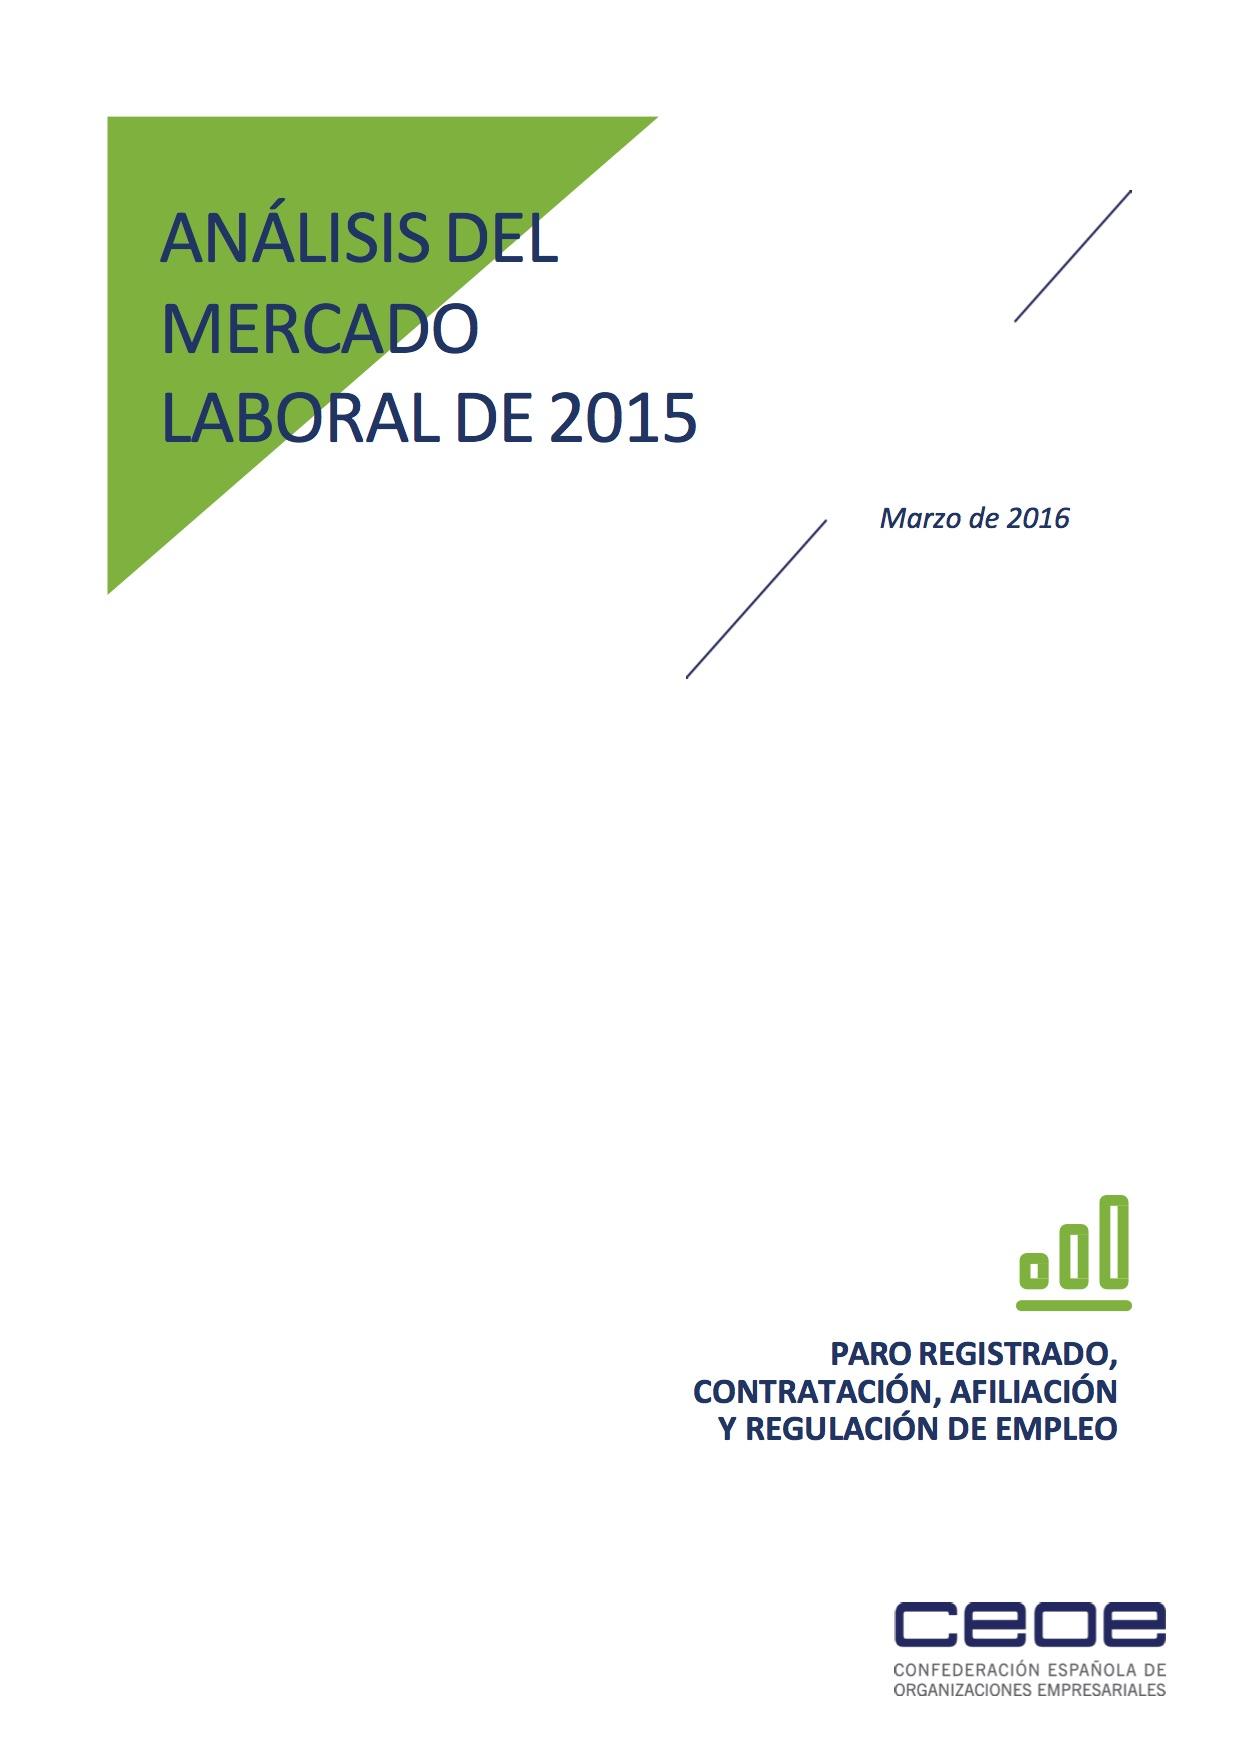 1publications_docs-file-175-analisis-del-mercado-laboral-de-2015